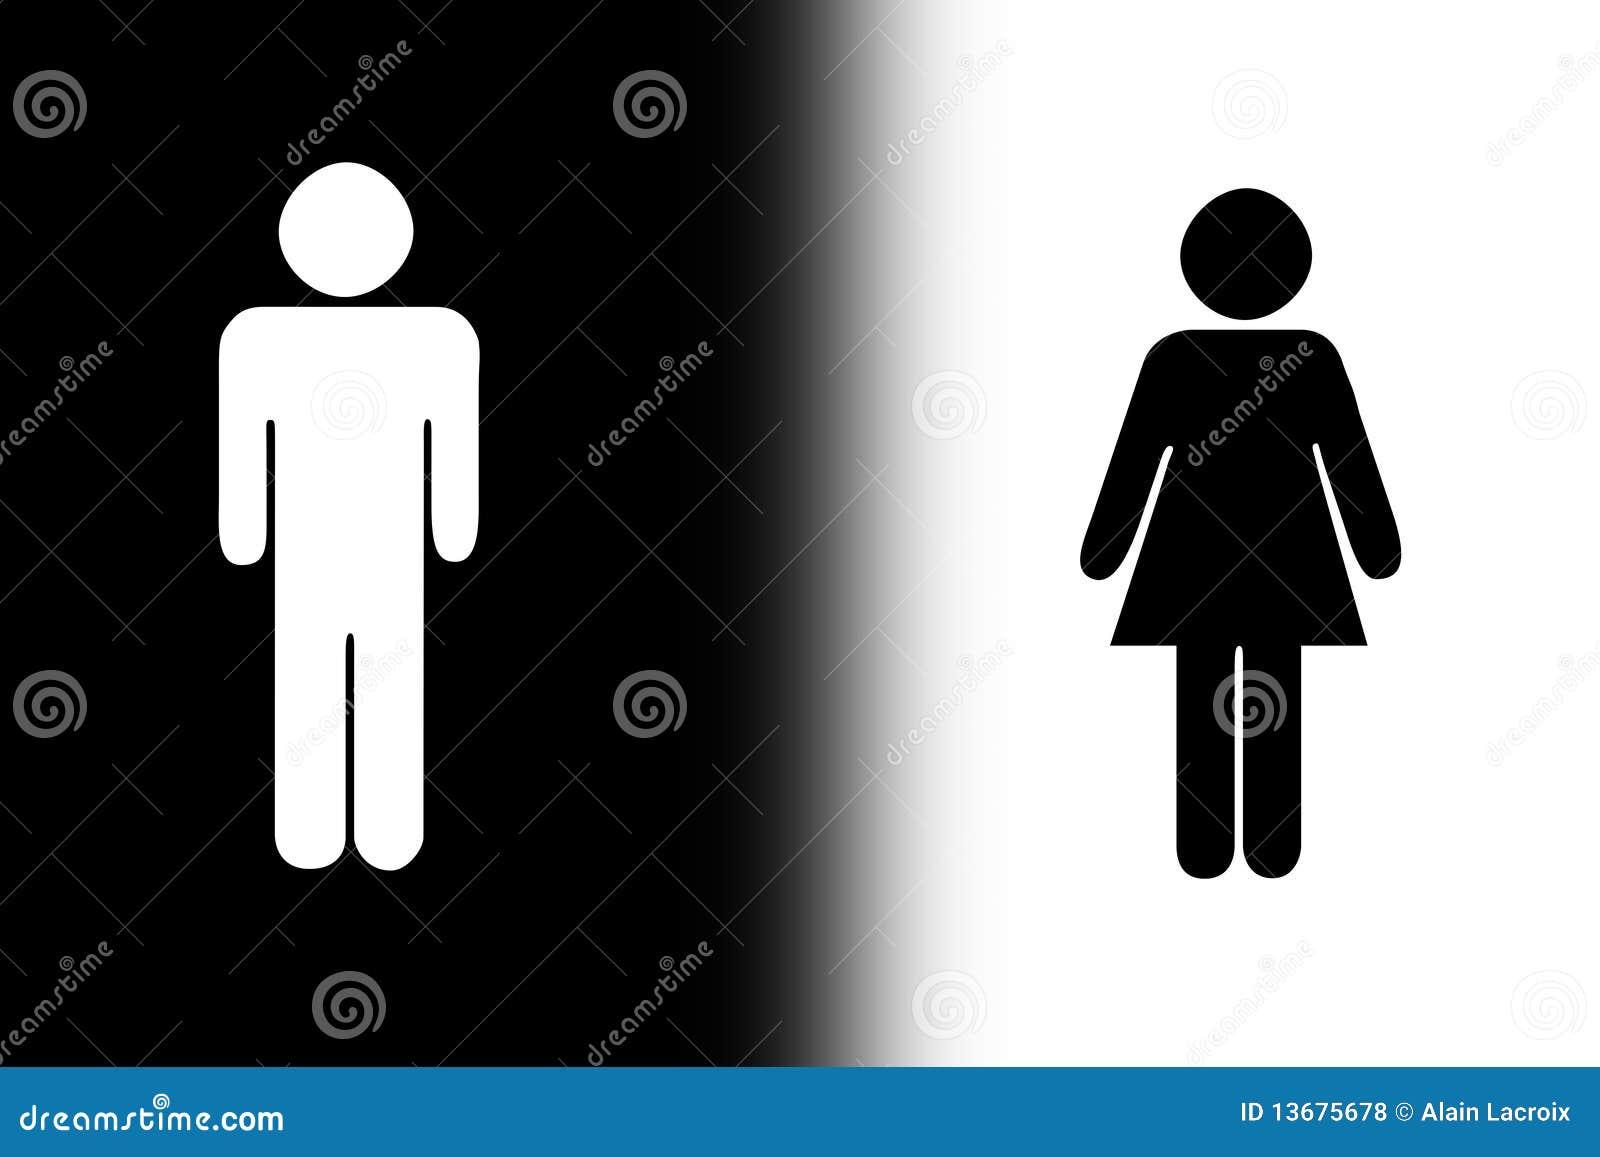 Black and white gender